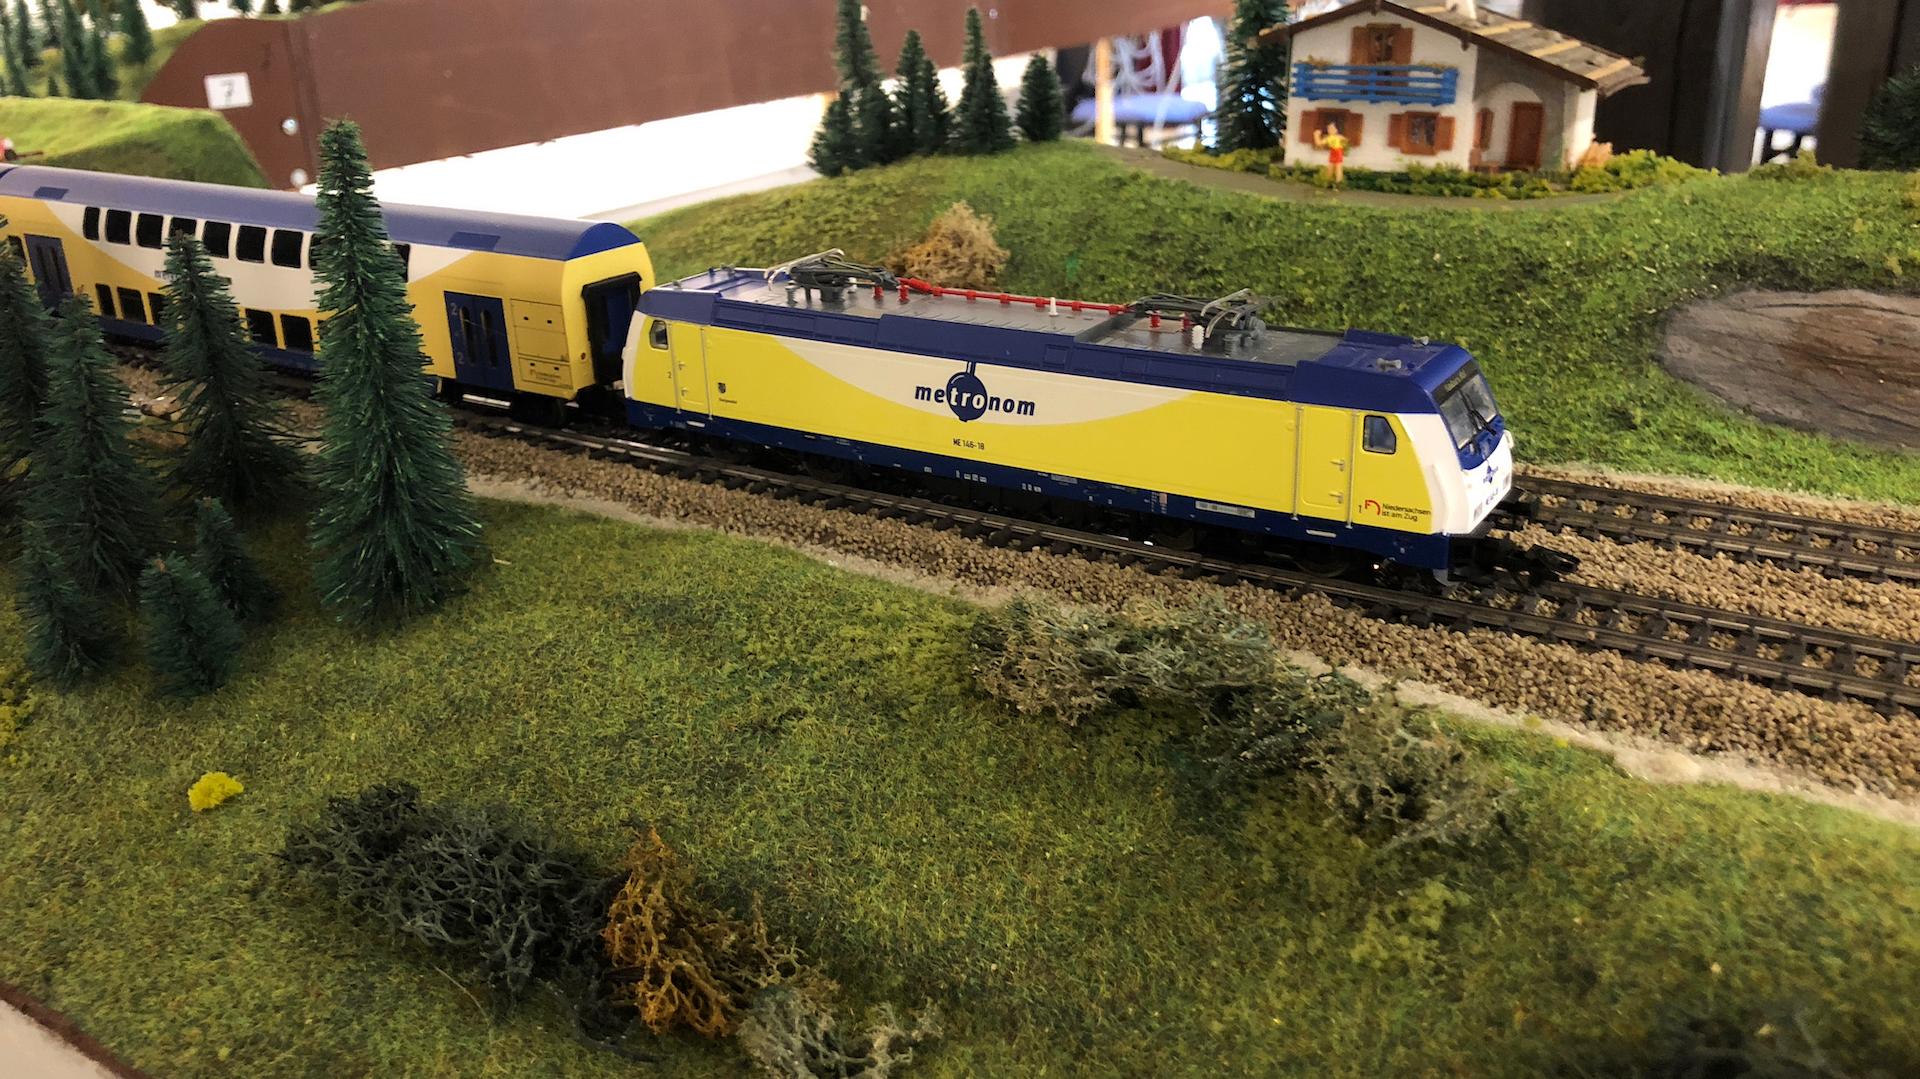 18_01_06_Besuch-Eisenbahnausstellung-Springe_036